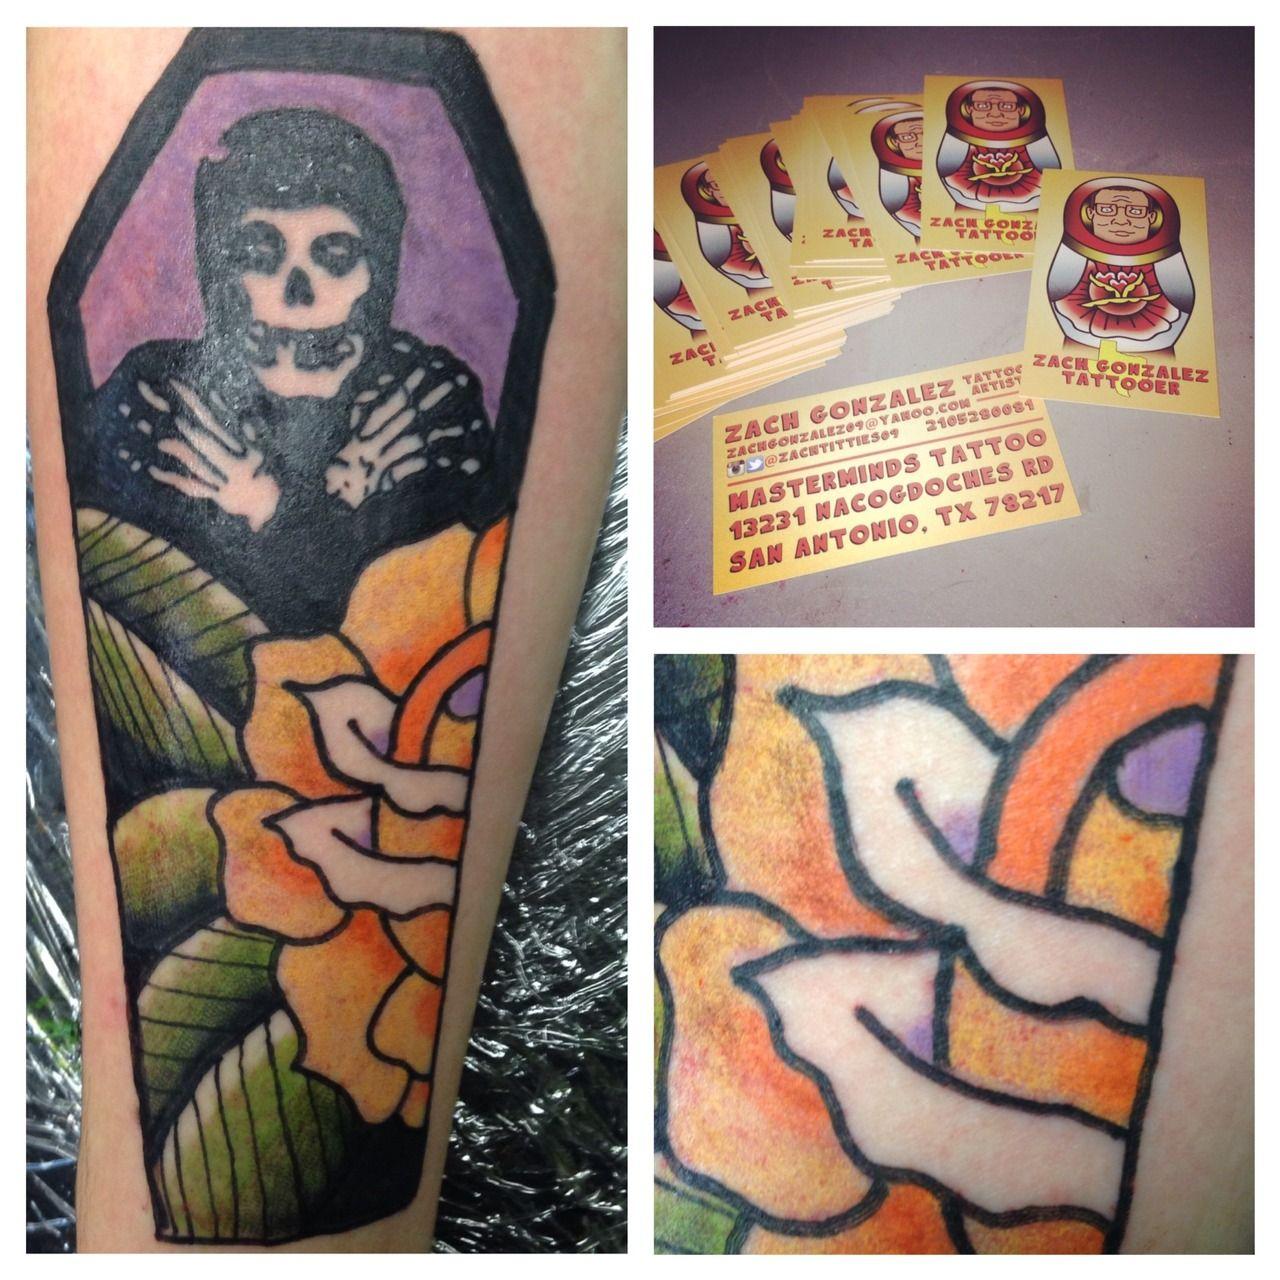 By zach gonzalez at masterminds tattoo in san antonio tx